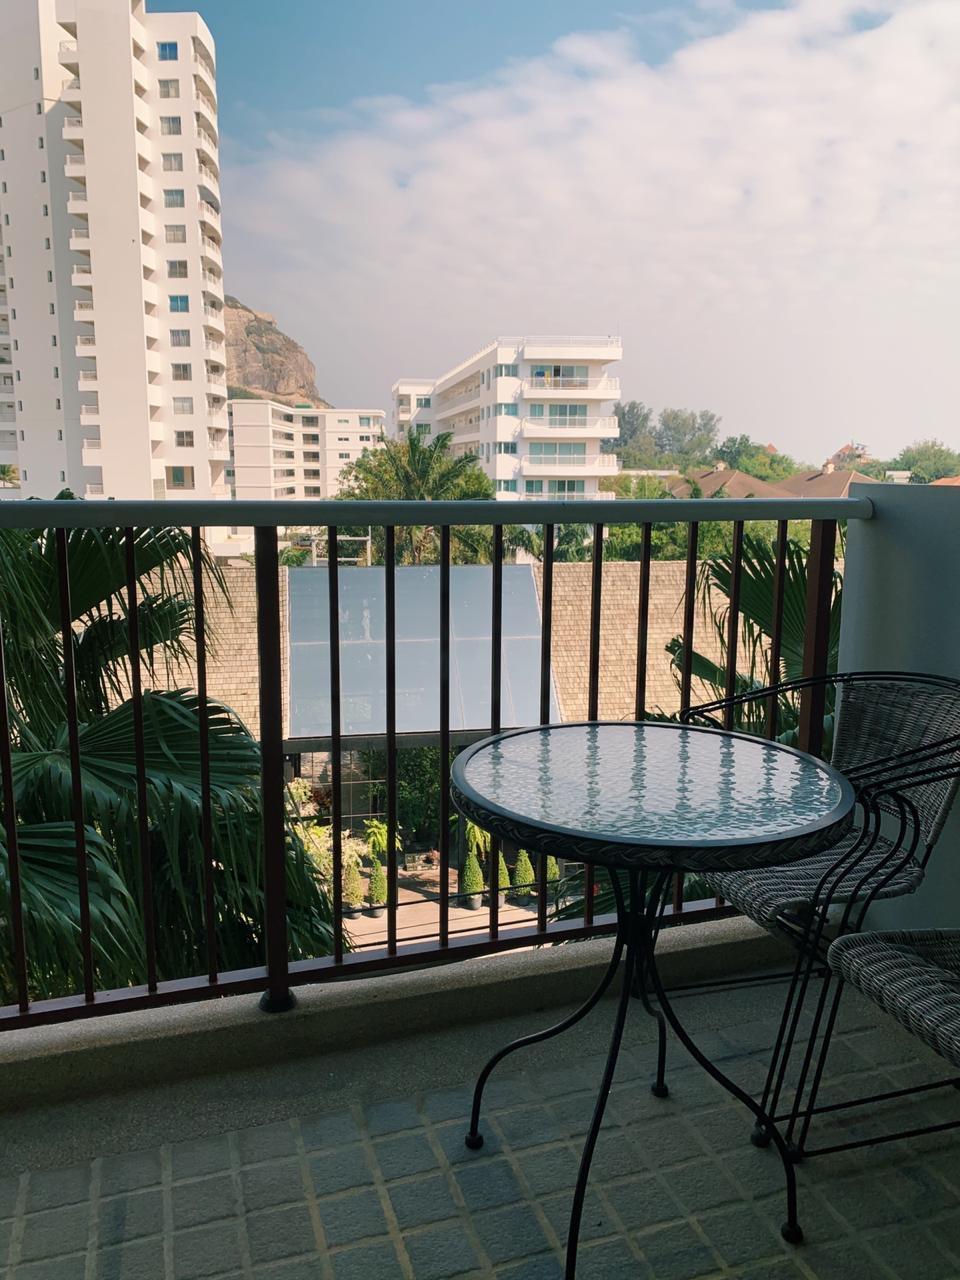 huahinrealty-квартира-сикрейз-с-видом-на-ресторан-с-живой-музыкой-5-этаж-01